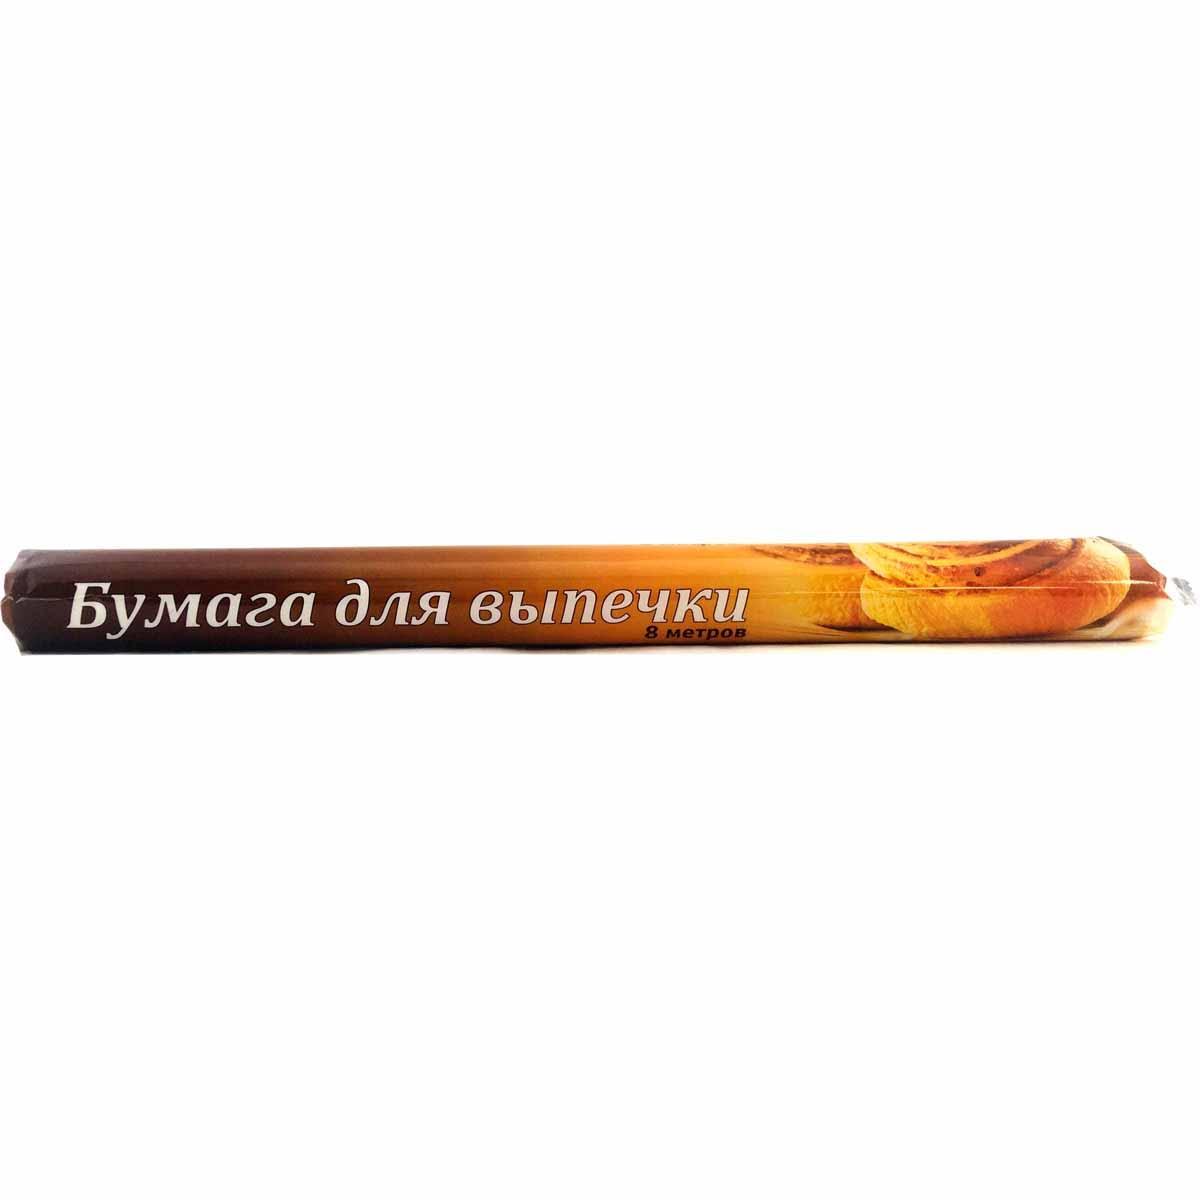 Бумага для выпечки Саянская 8мх38см